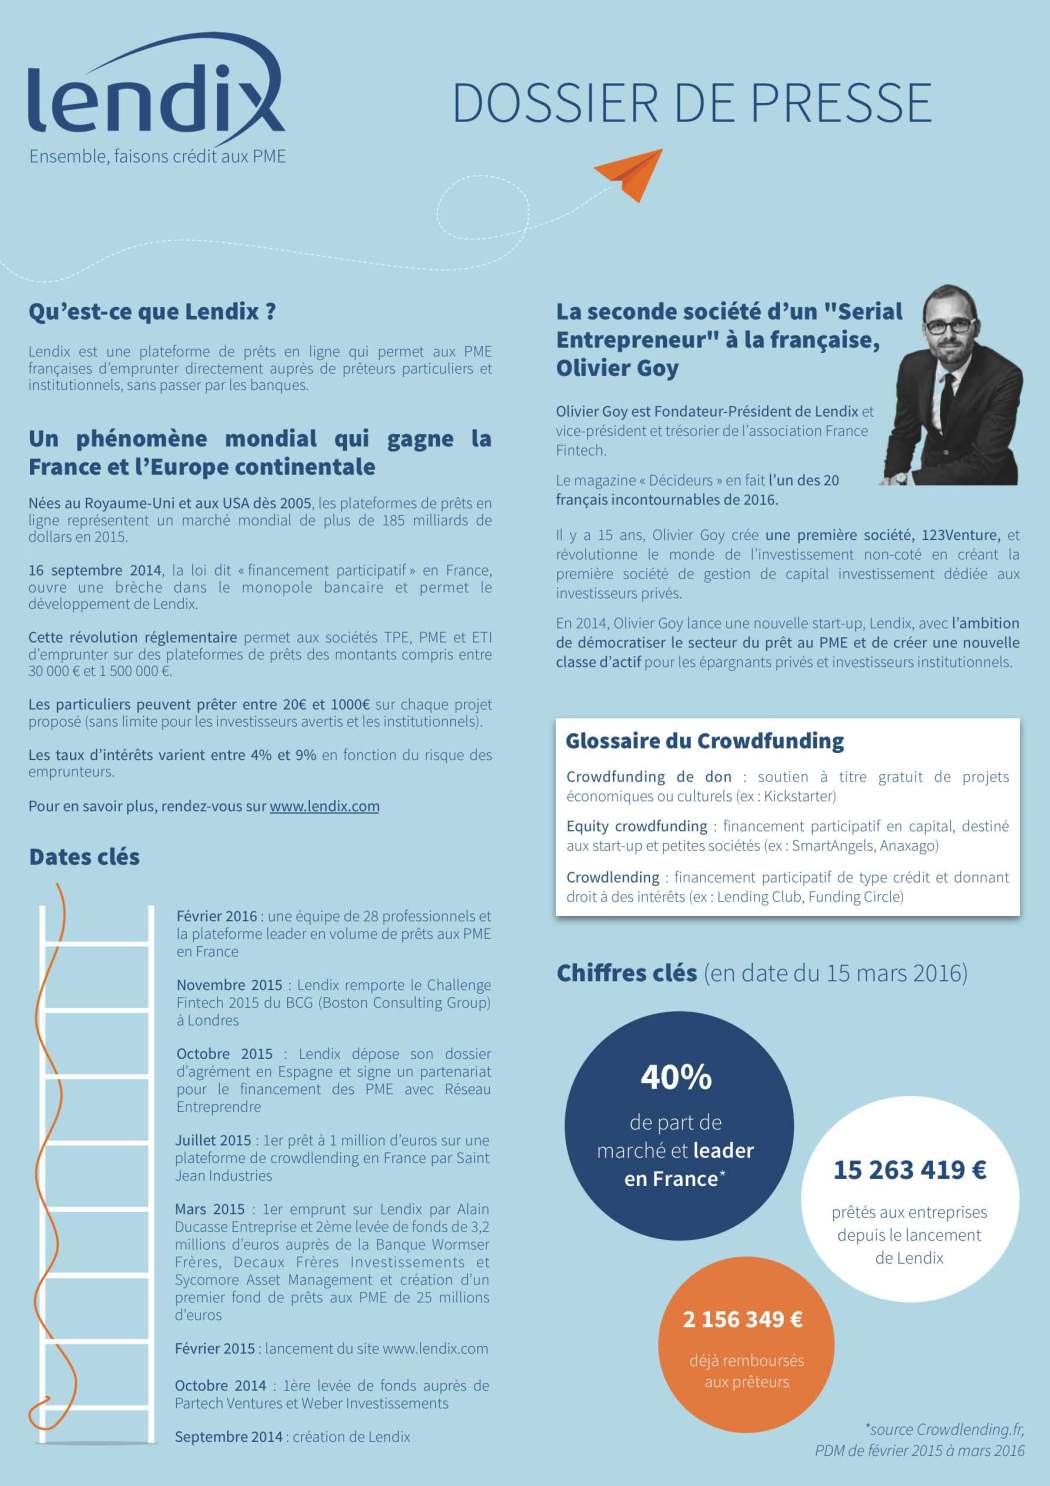 Dossier de presse lendix_Page_1